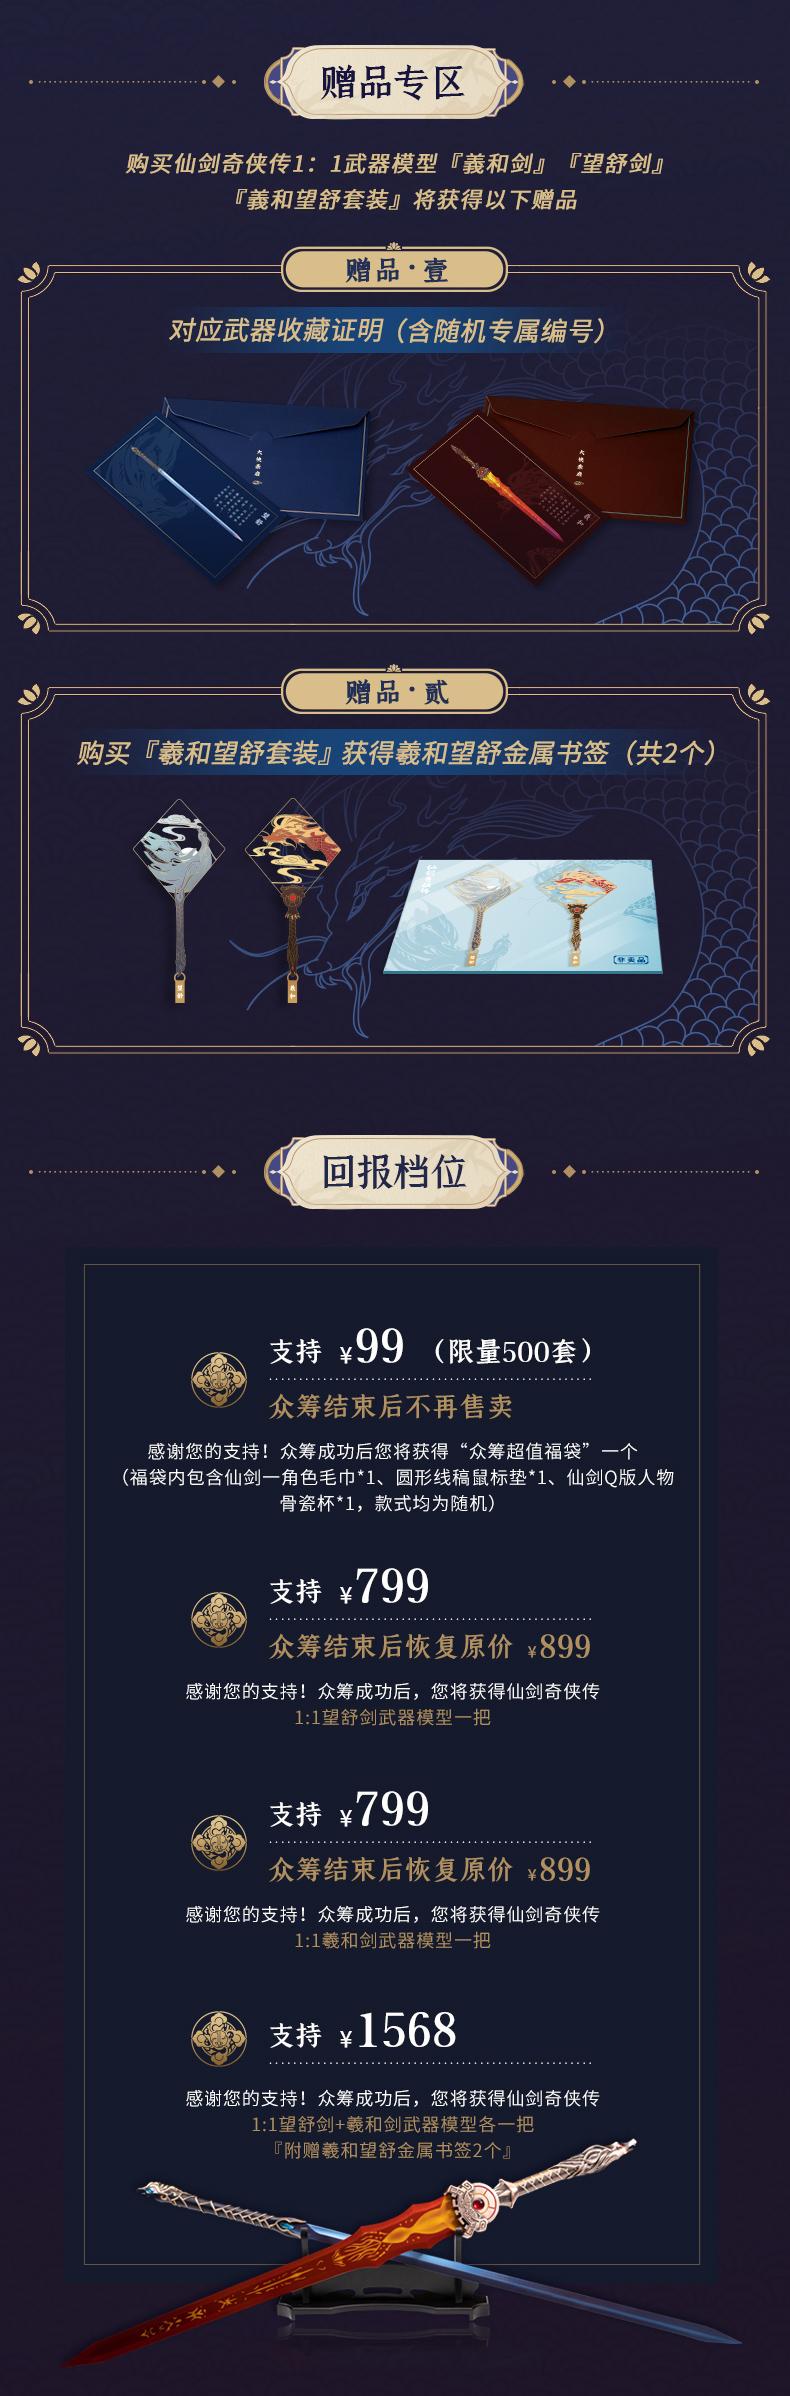 《仙剑奇侠传》官方开启金属武器模型众筹 已筹到41万元